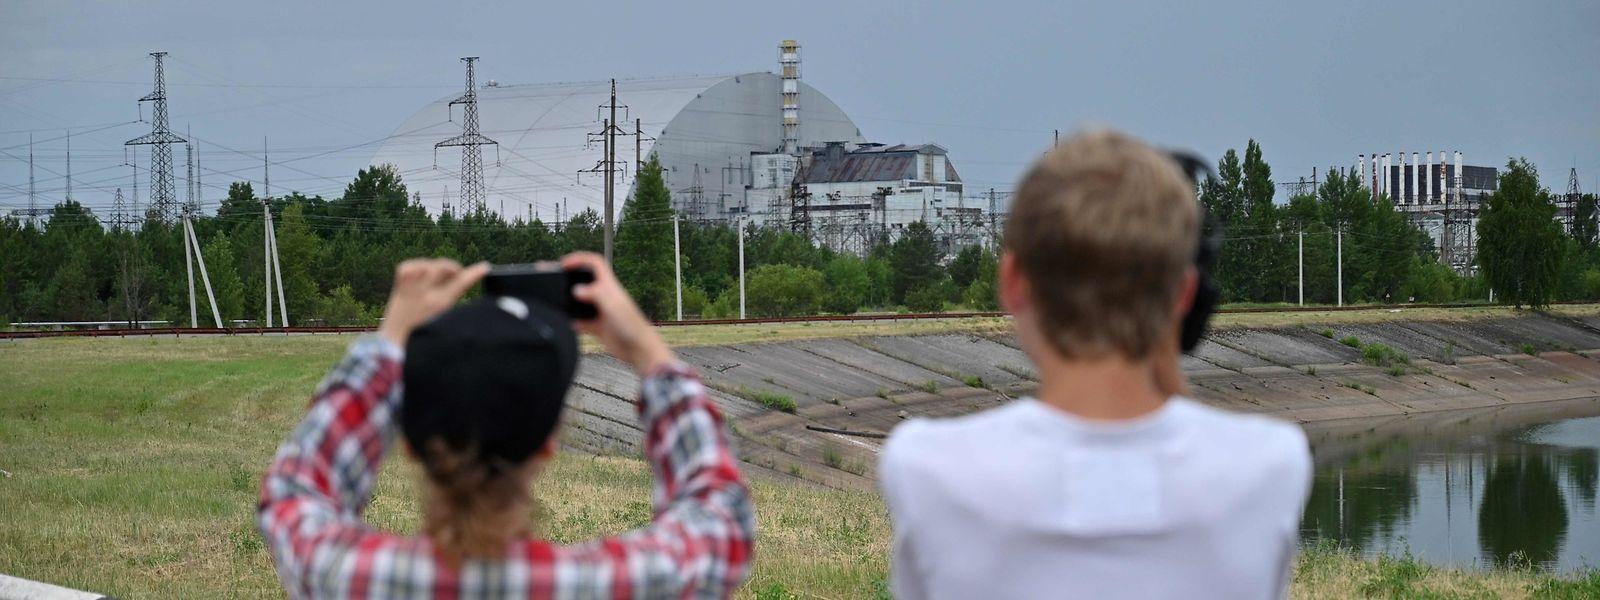 Der Ort des Unglücks, das ehemalige Atomkraftwerk von Tschernobyl, lockt viele Touristen an - zumindest in der Ferne.